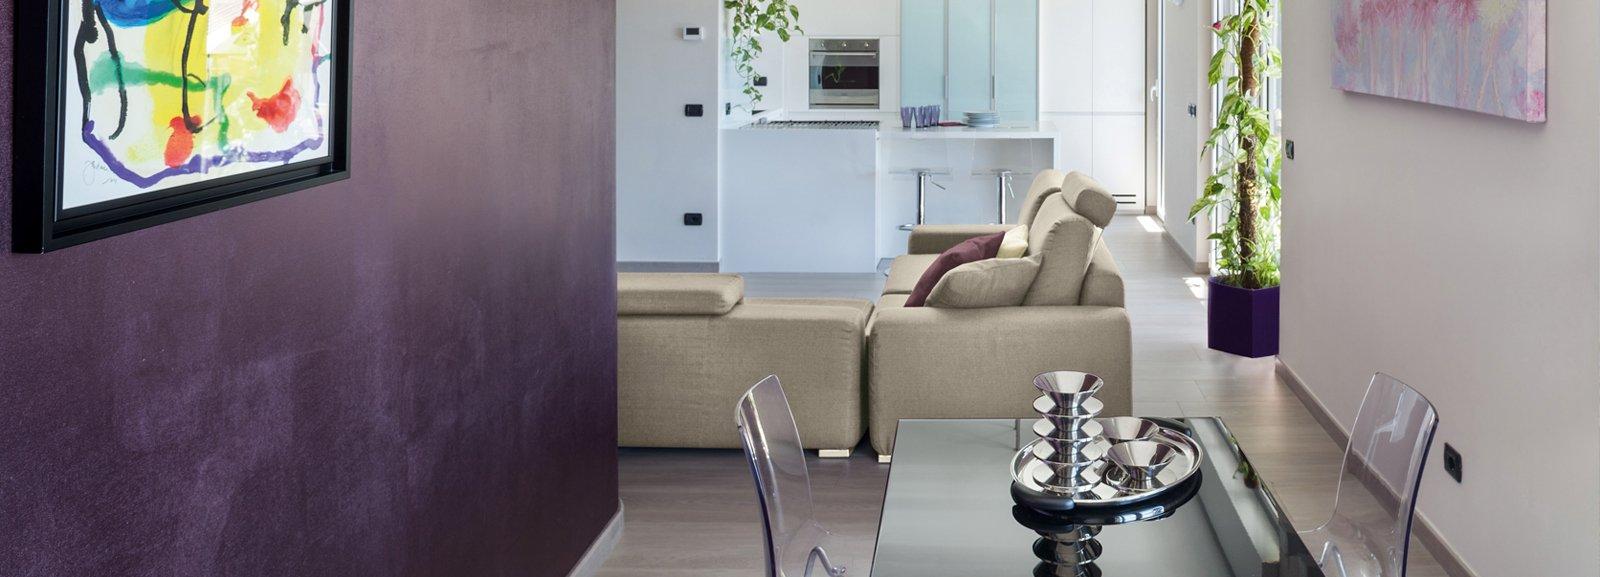 Suddivisioni ottimizzate per la casa di meno di 100 mq for Oggettistica particolare per la casa